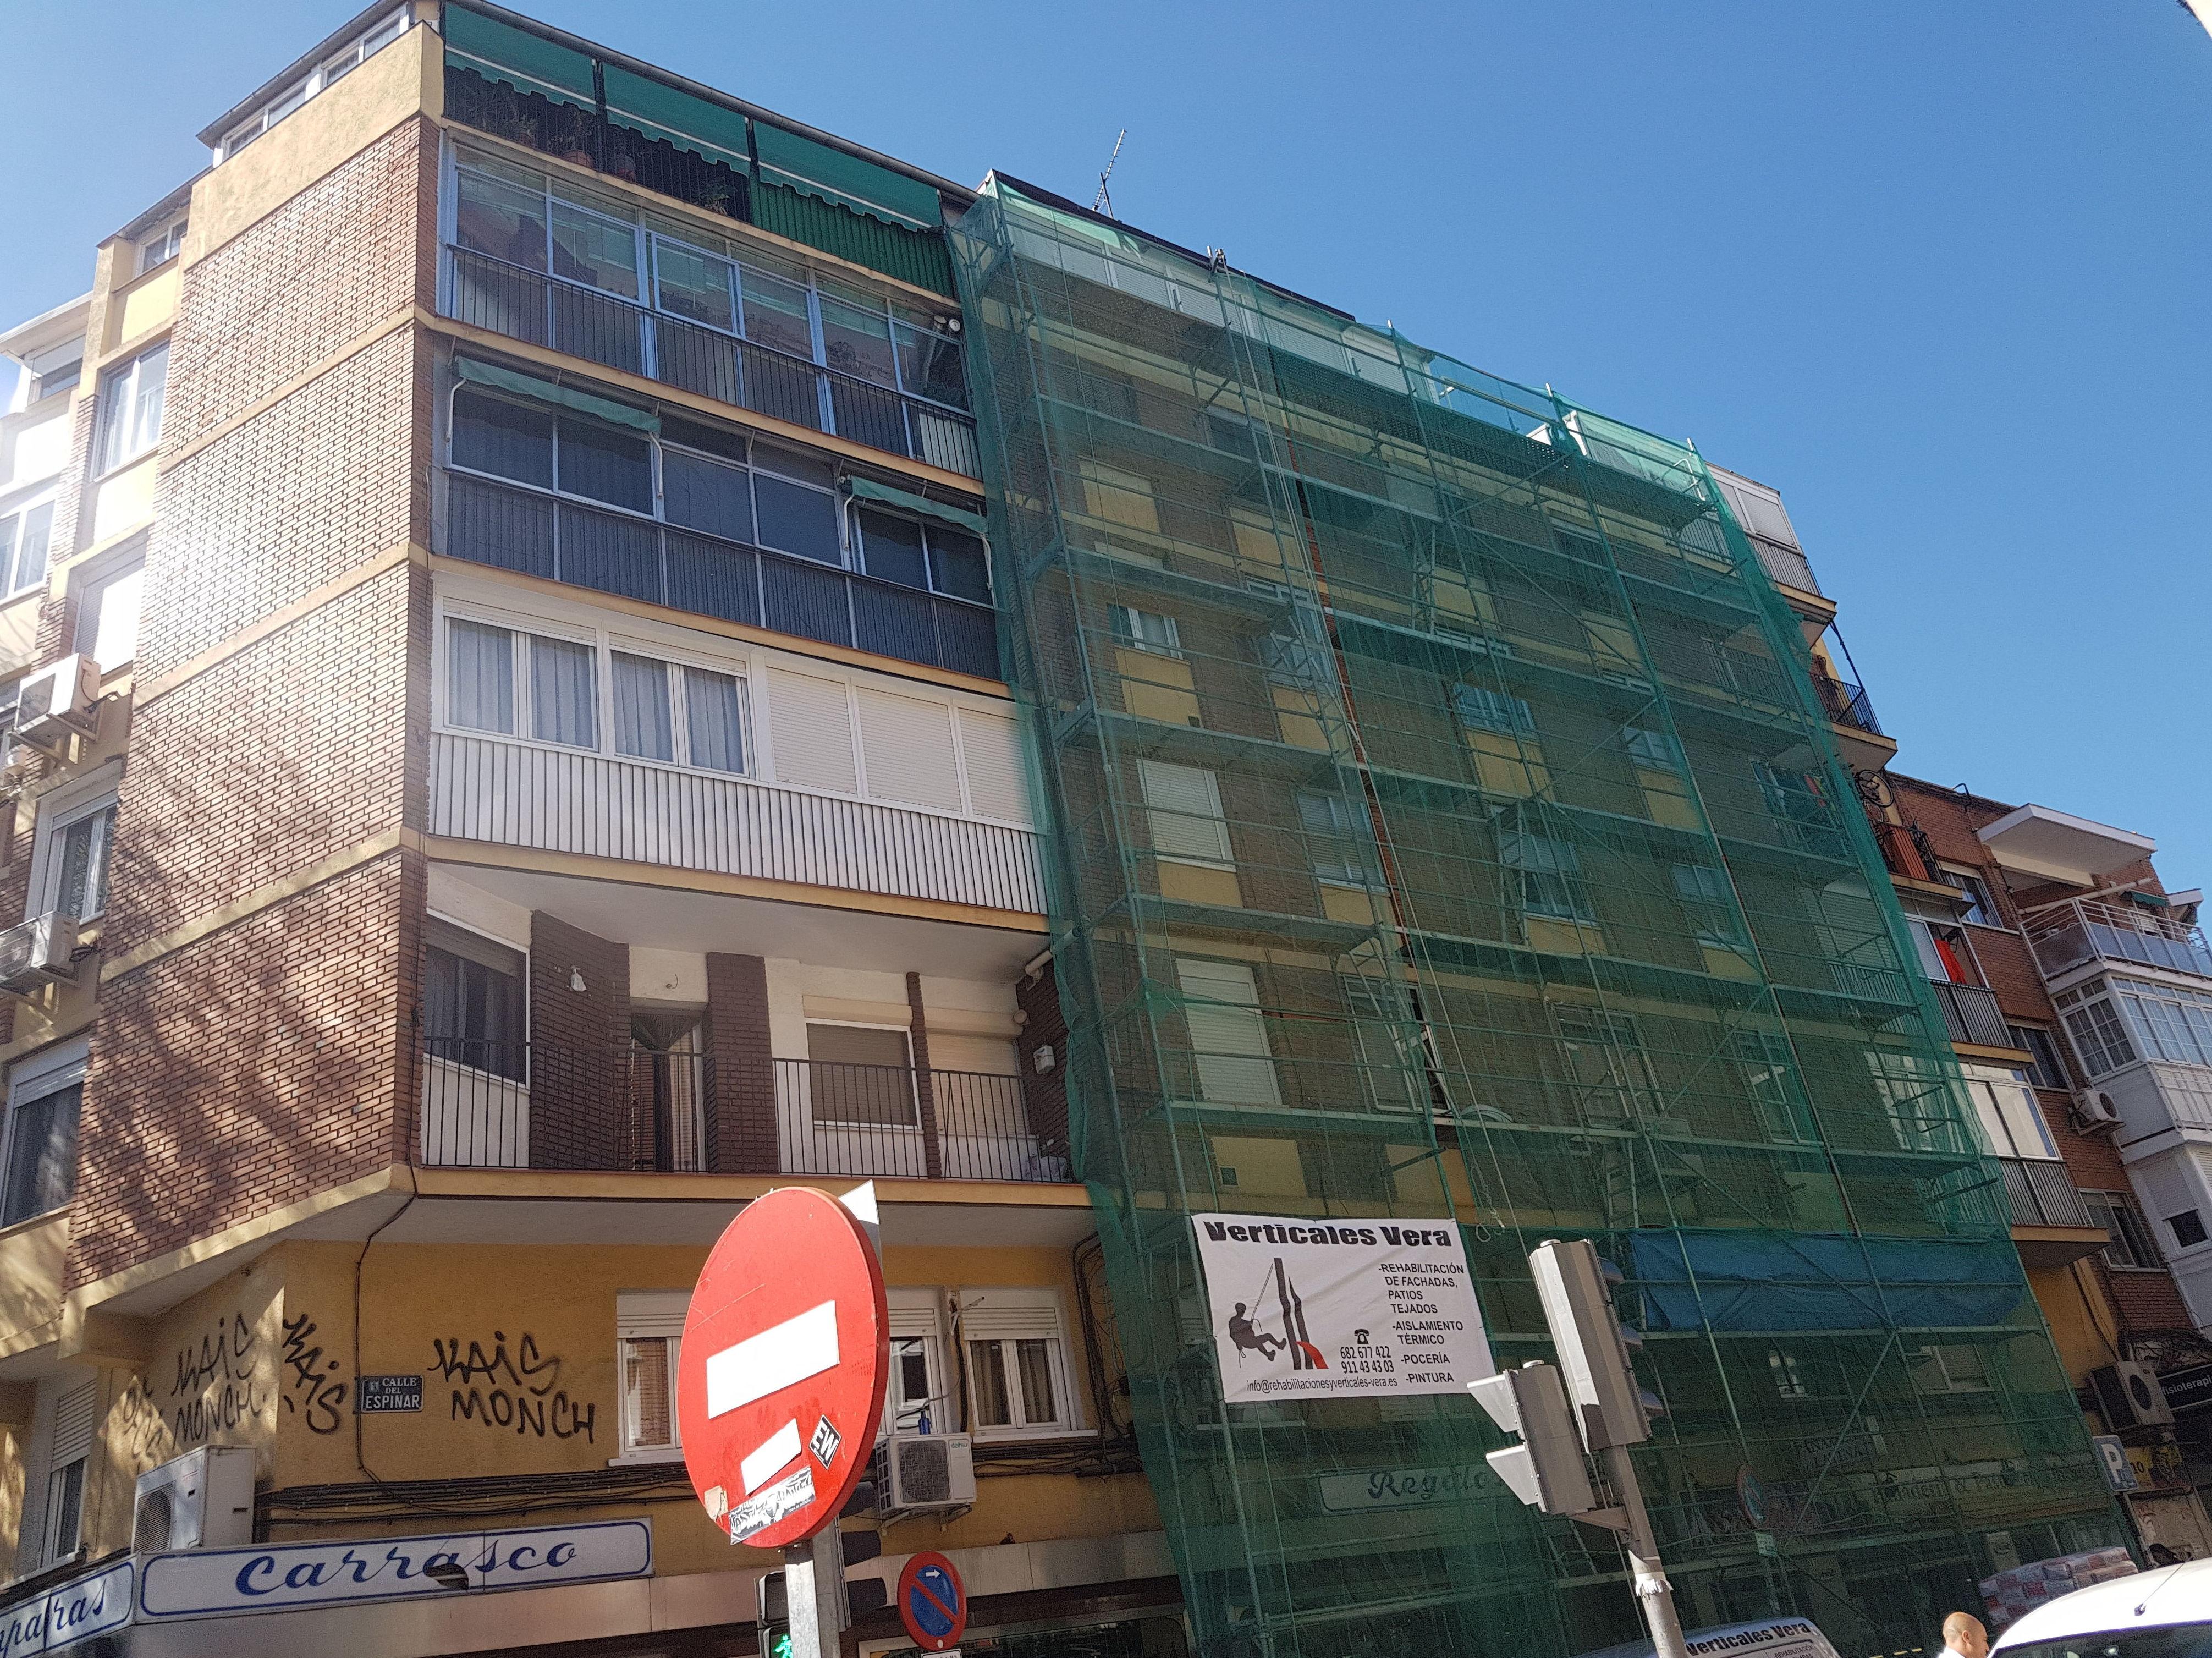 Foto 199 de Trabajos verticales en    Rehabilitaciones y Verticales Vera, S.L.